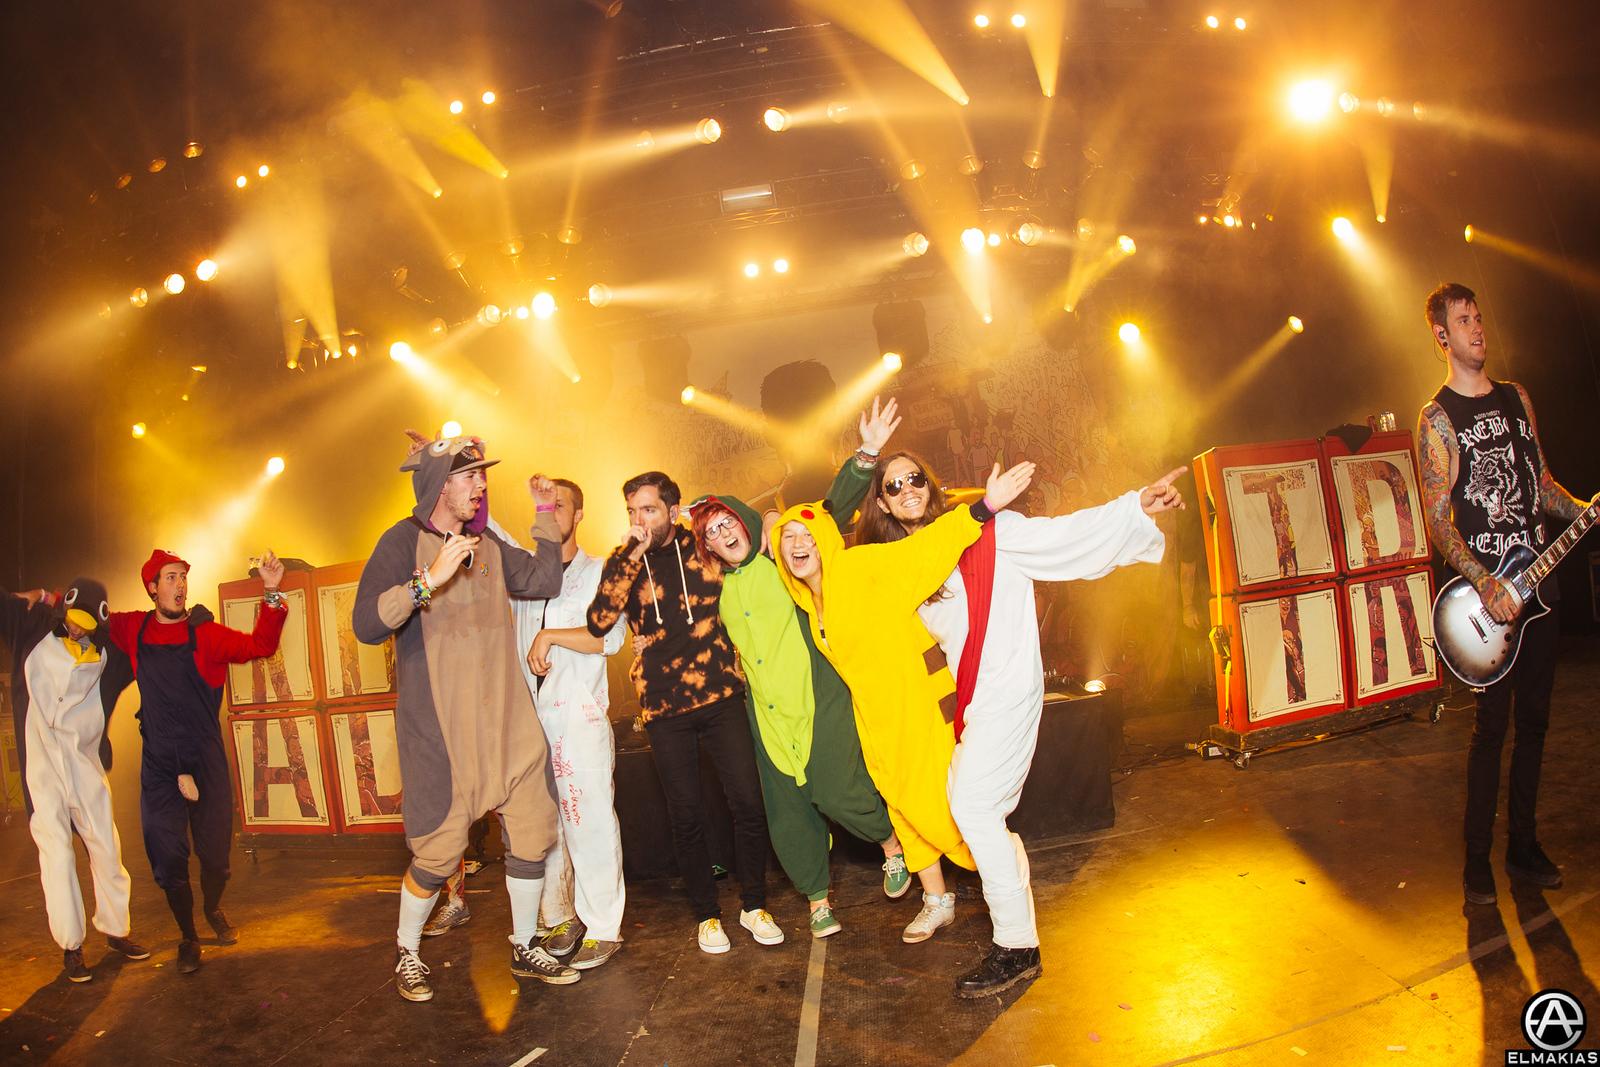 Costume party at Pukklepop festival